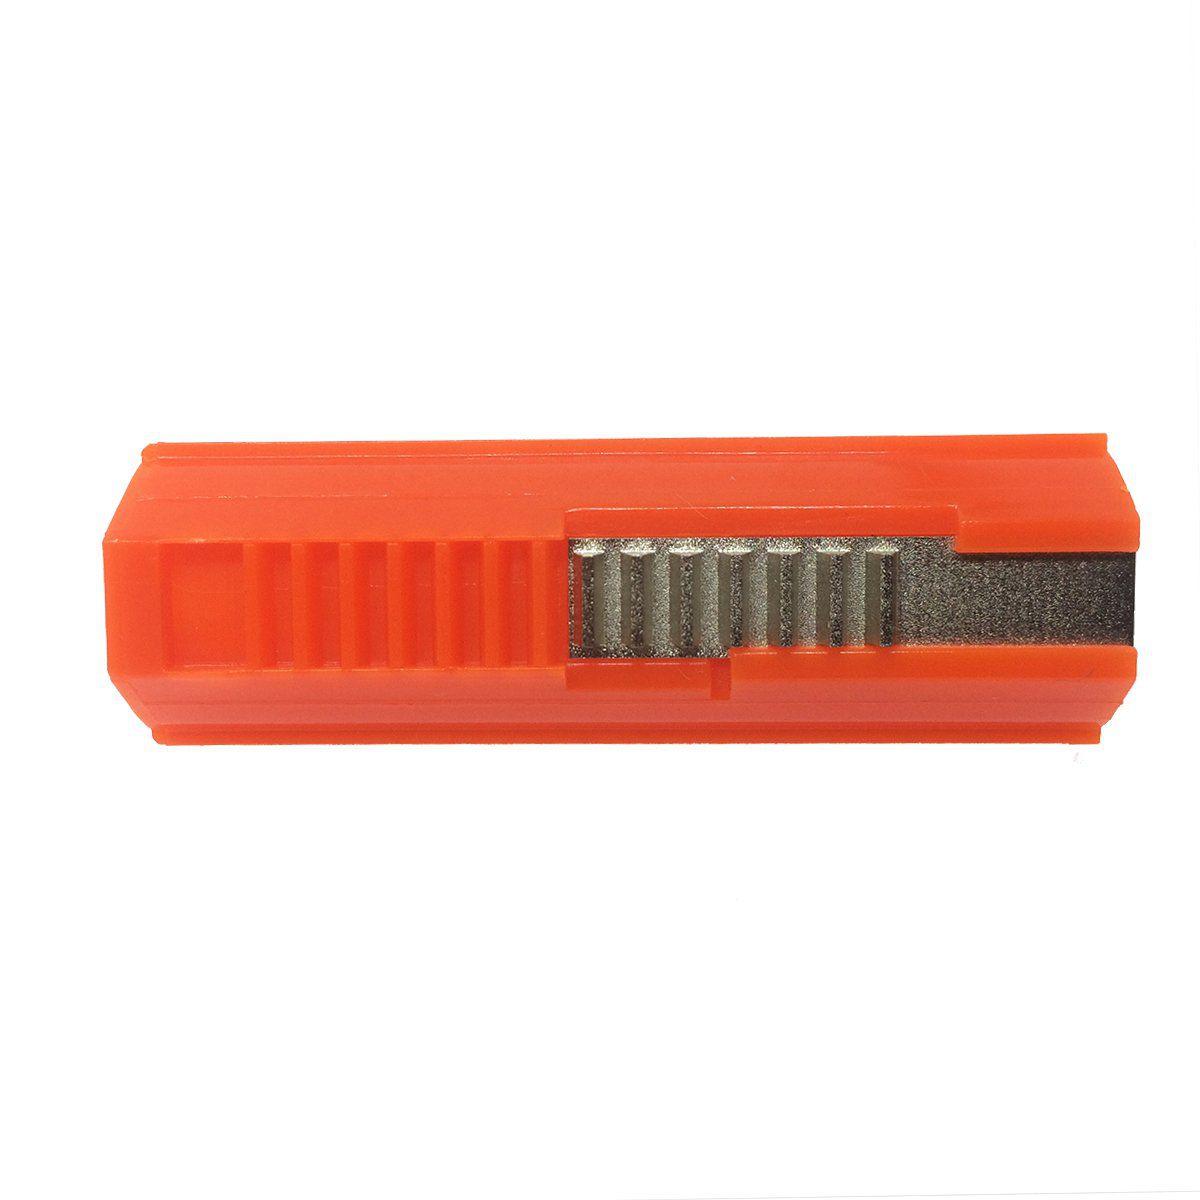 Pistão Para Gearbox 14 Dentes Com 7 Dentes de Aço Inox Element